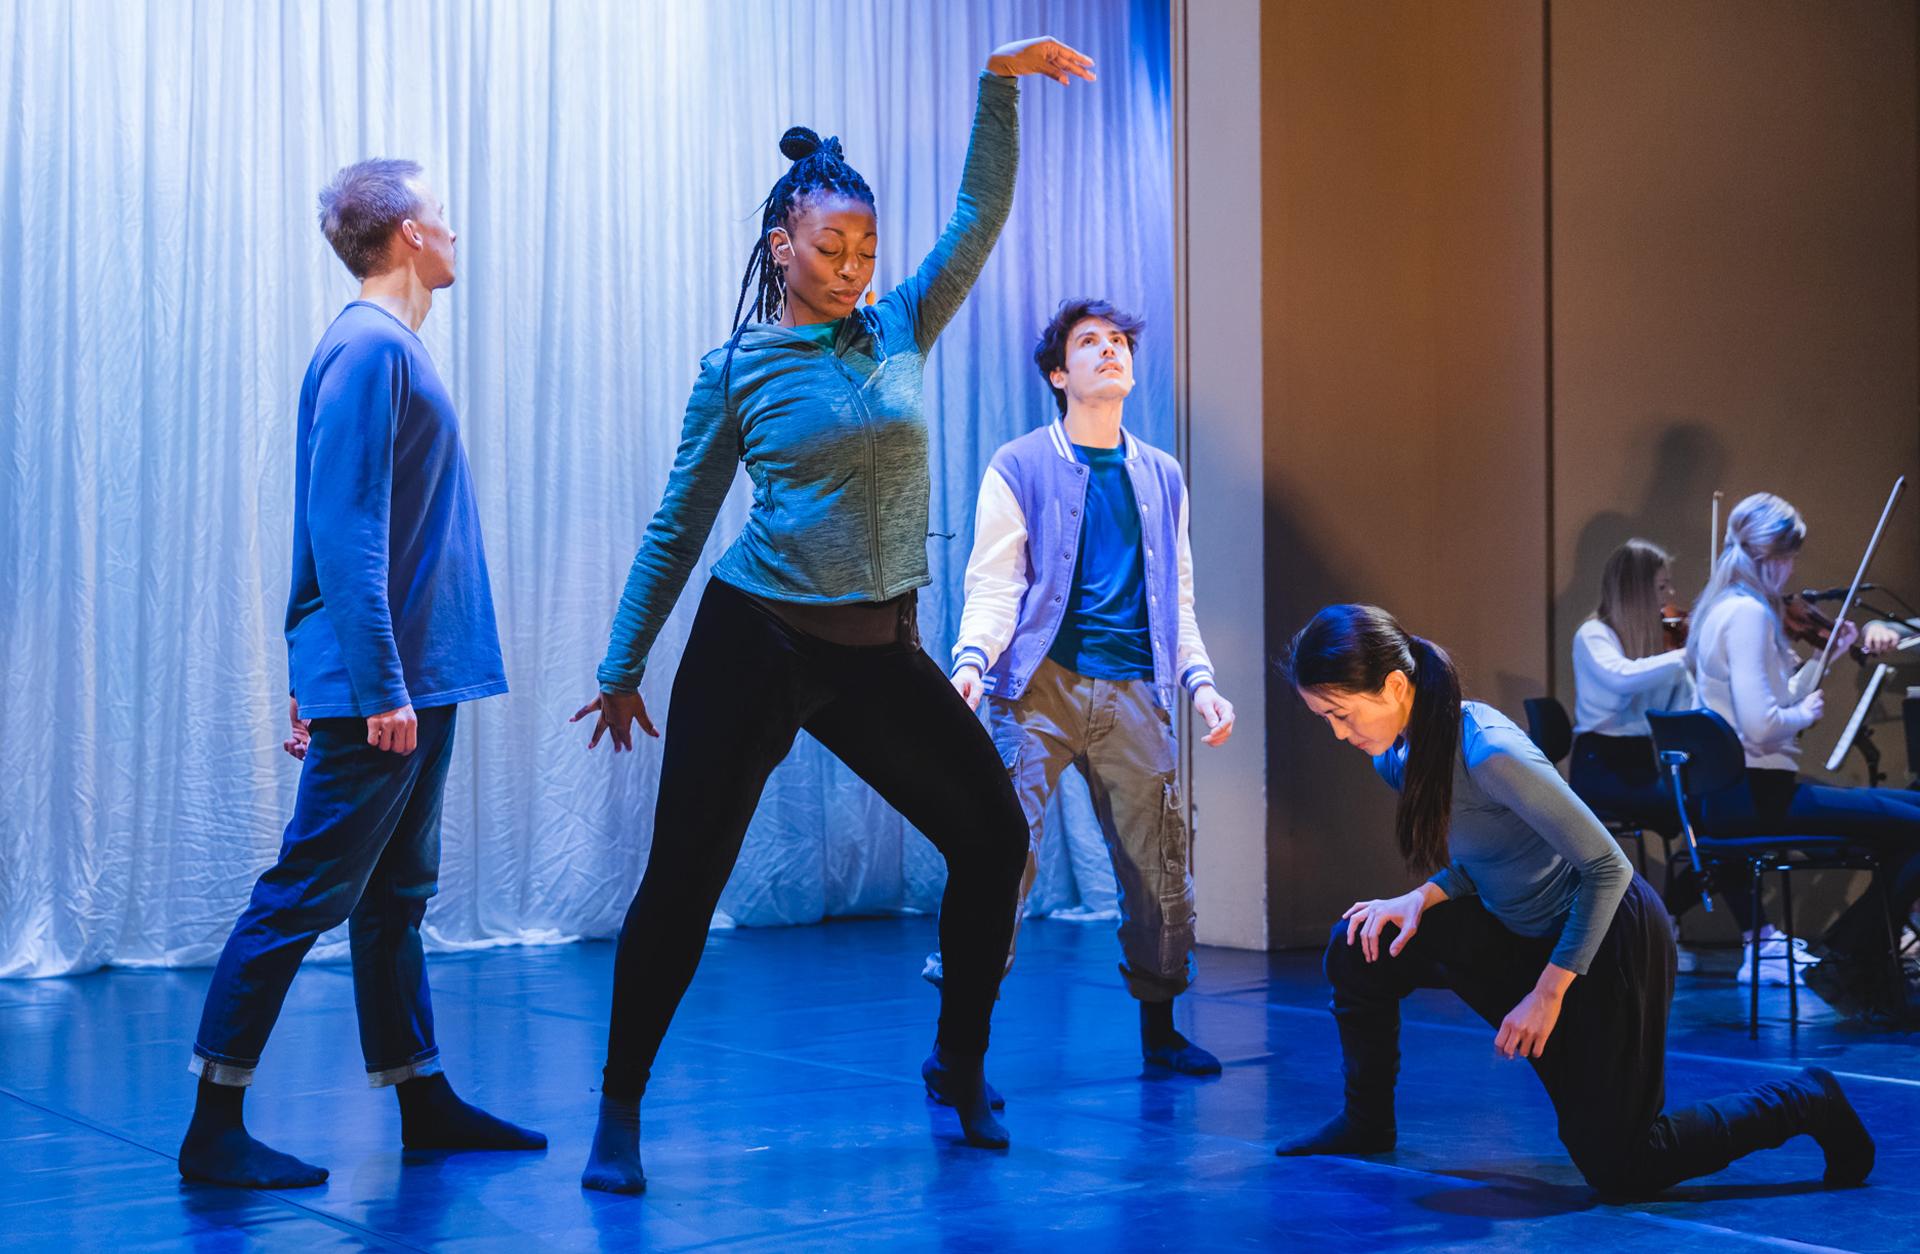 Dansgrupp i rörelse